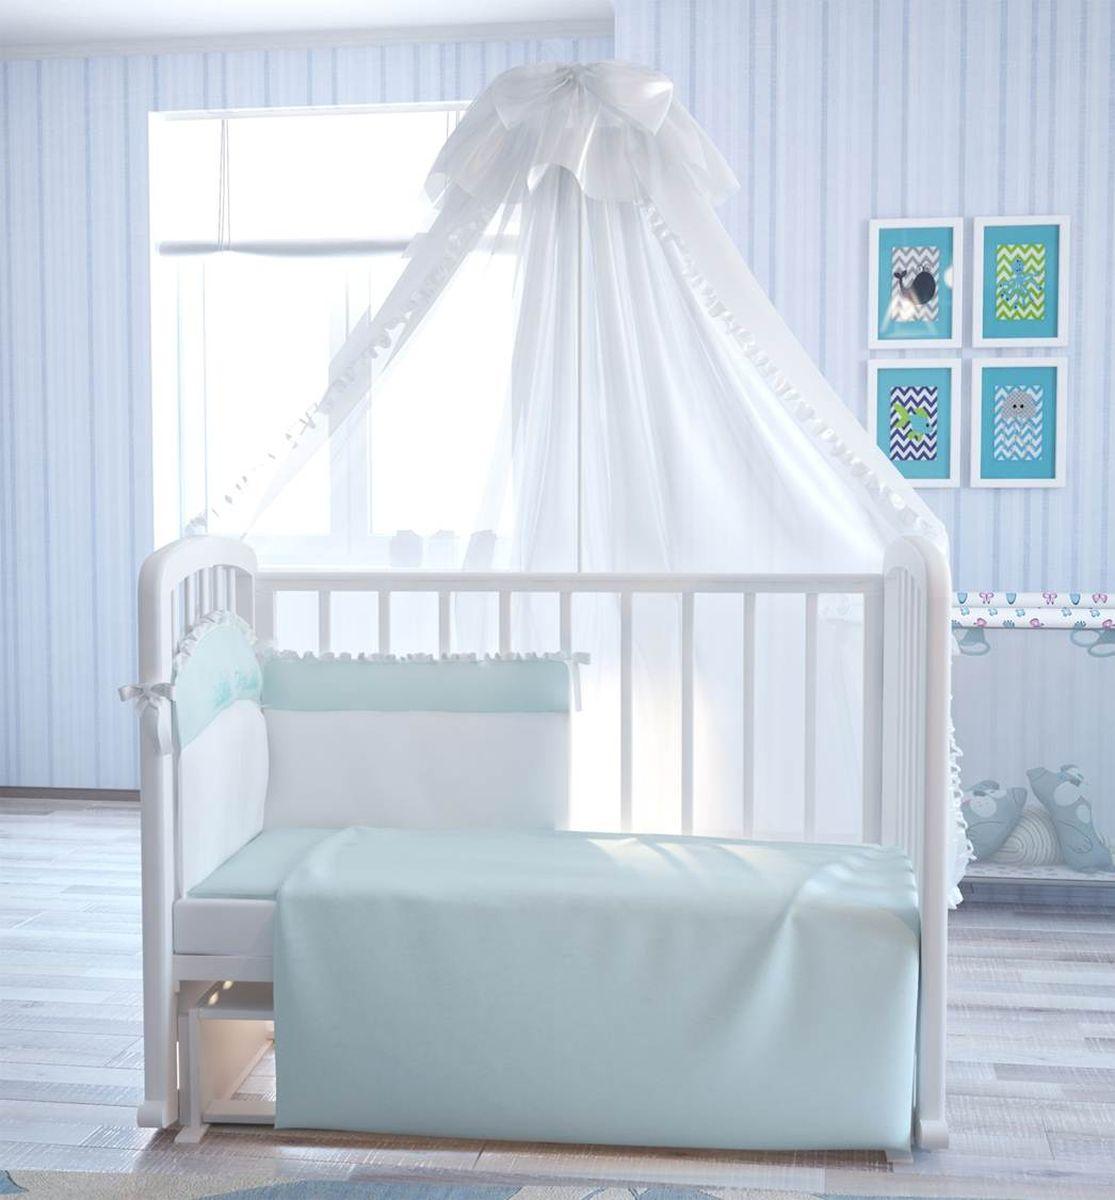 Fairy белья Сладкий сон цвет белый голубой 7 предметов